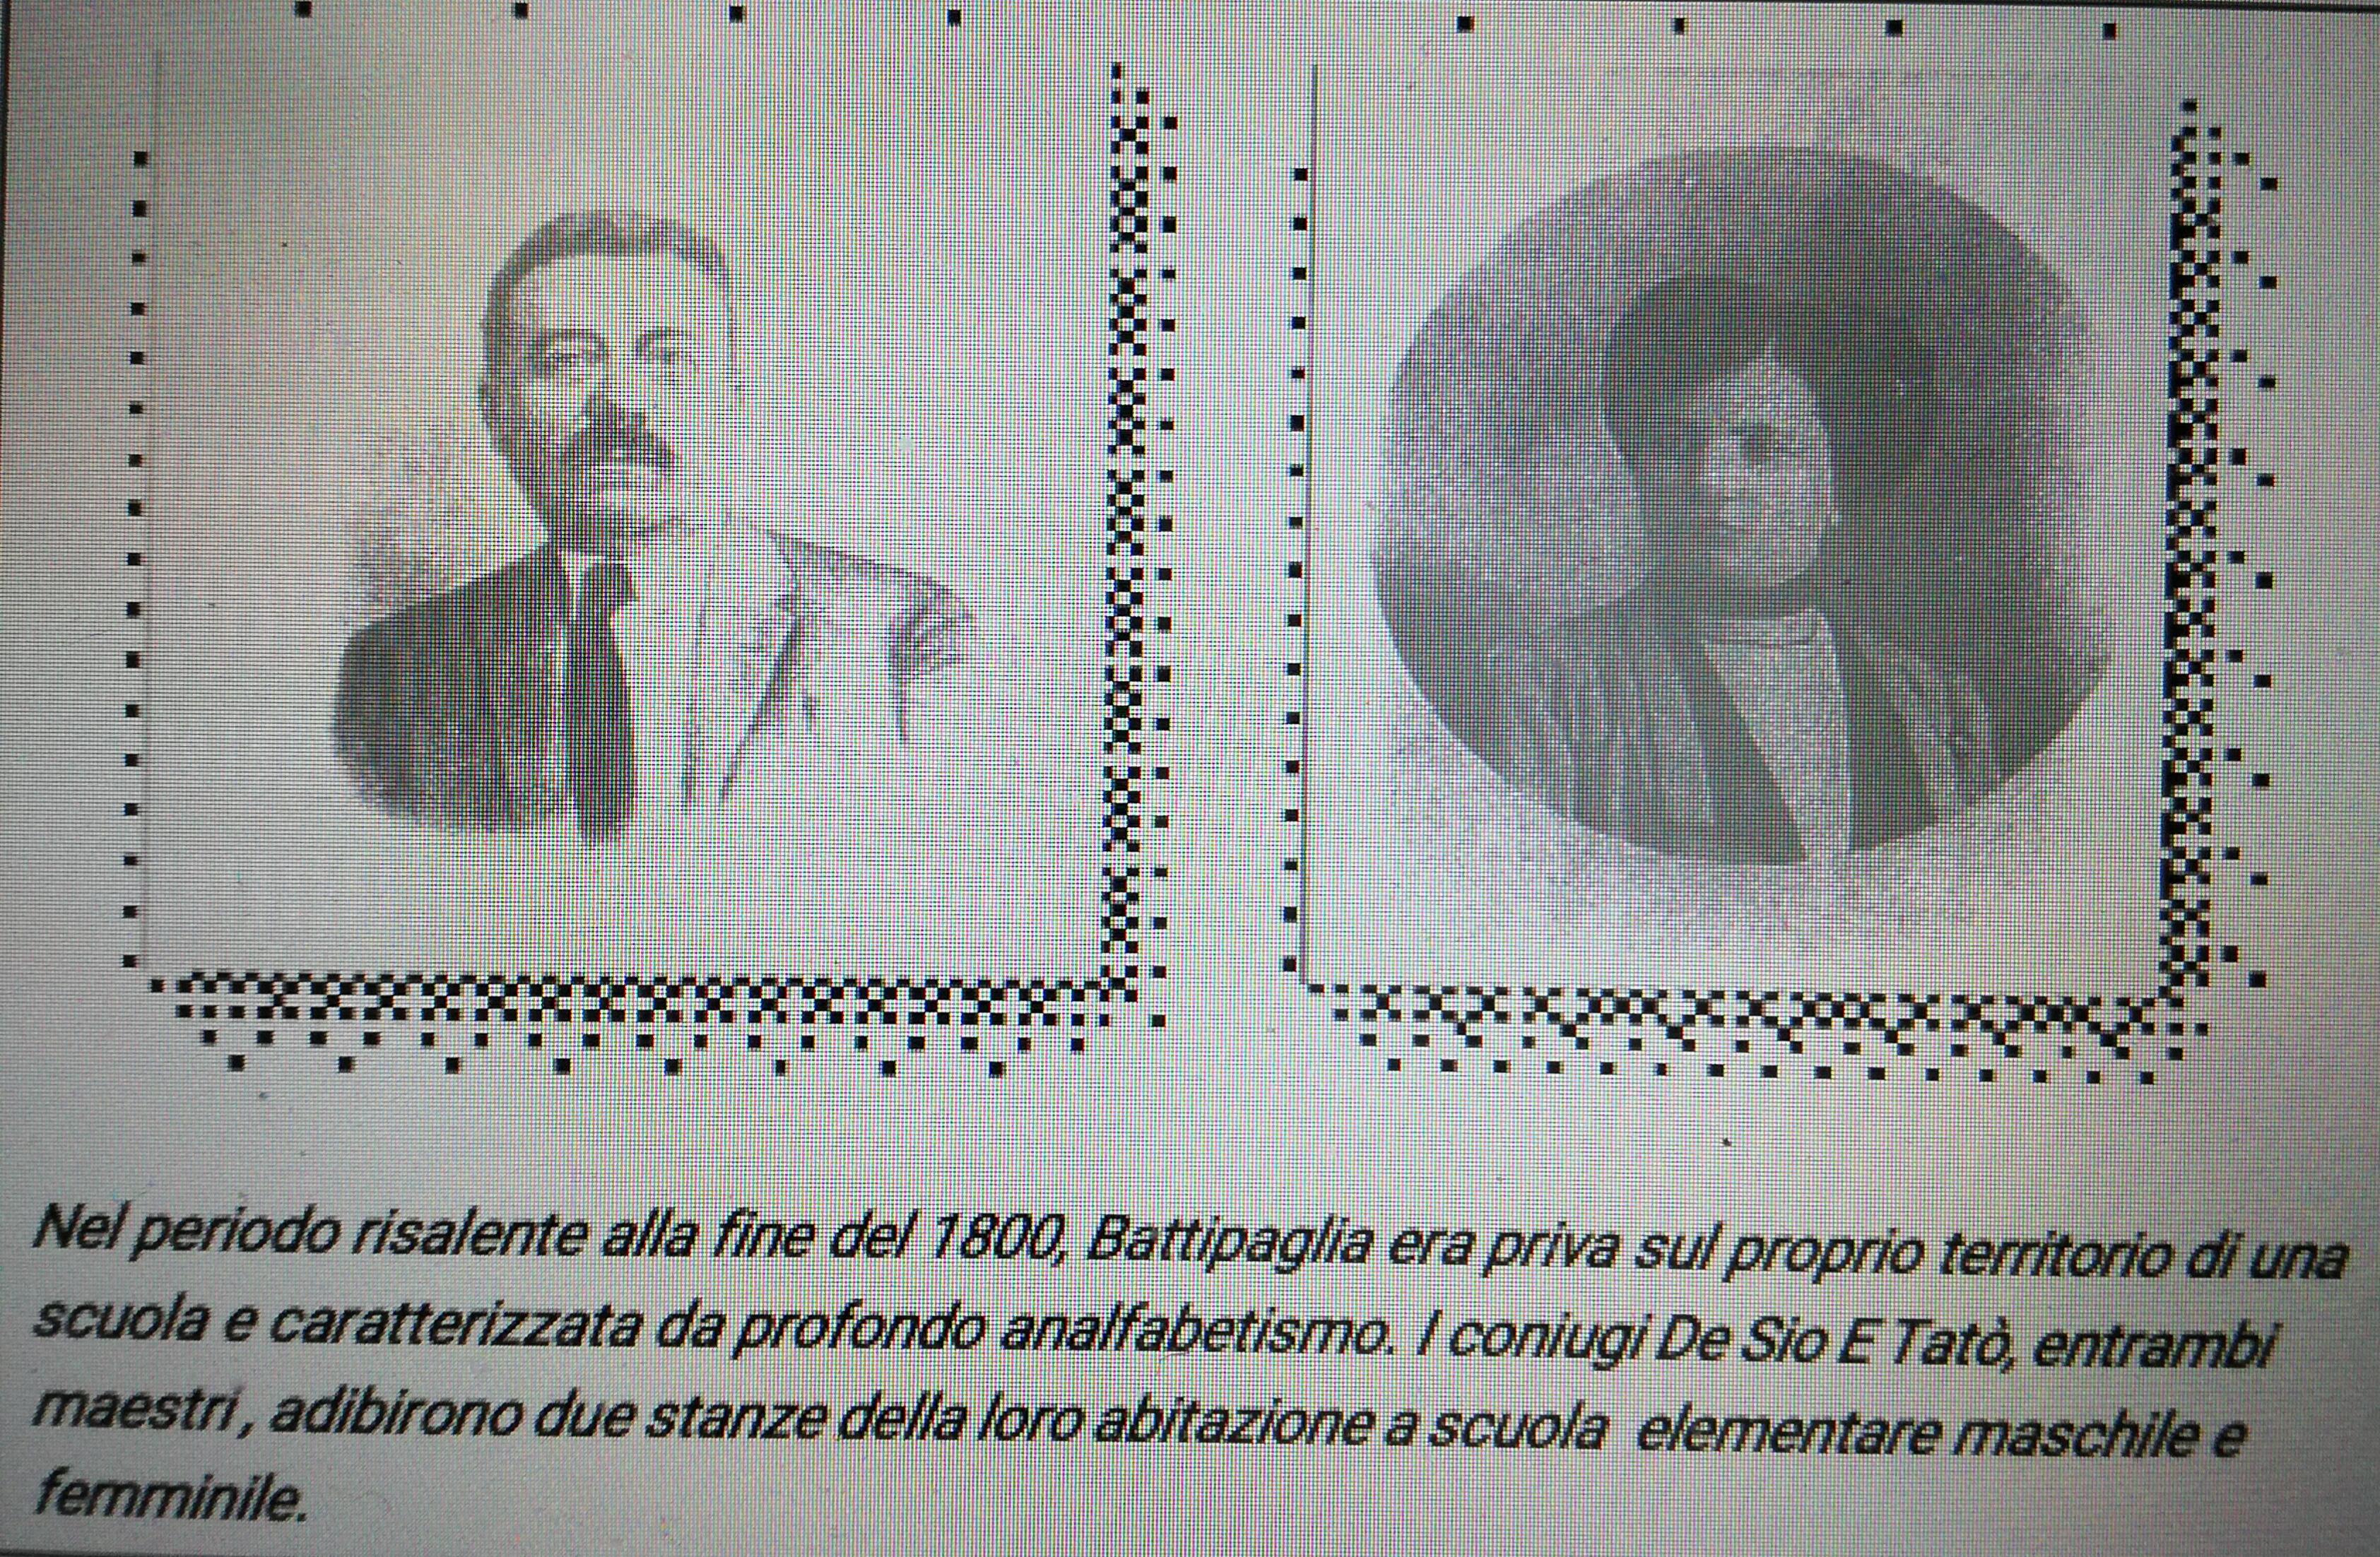 Domenico De Sio-Annunziata Tatò